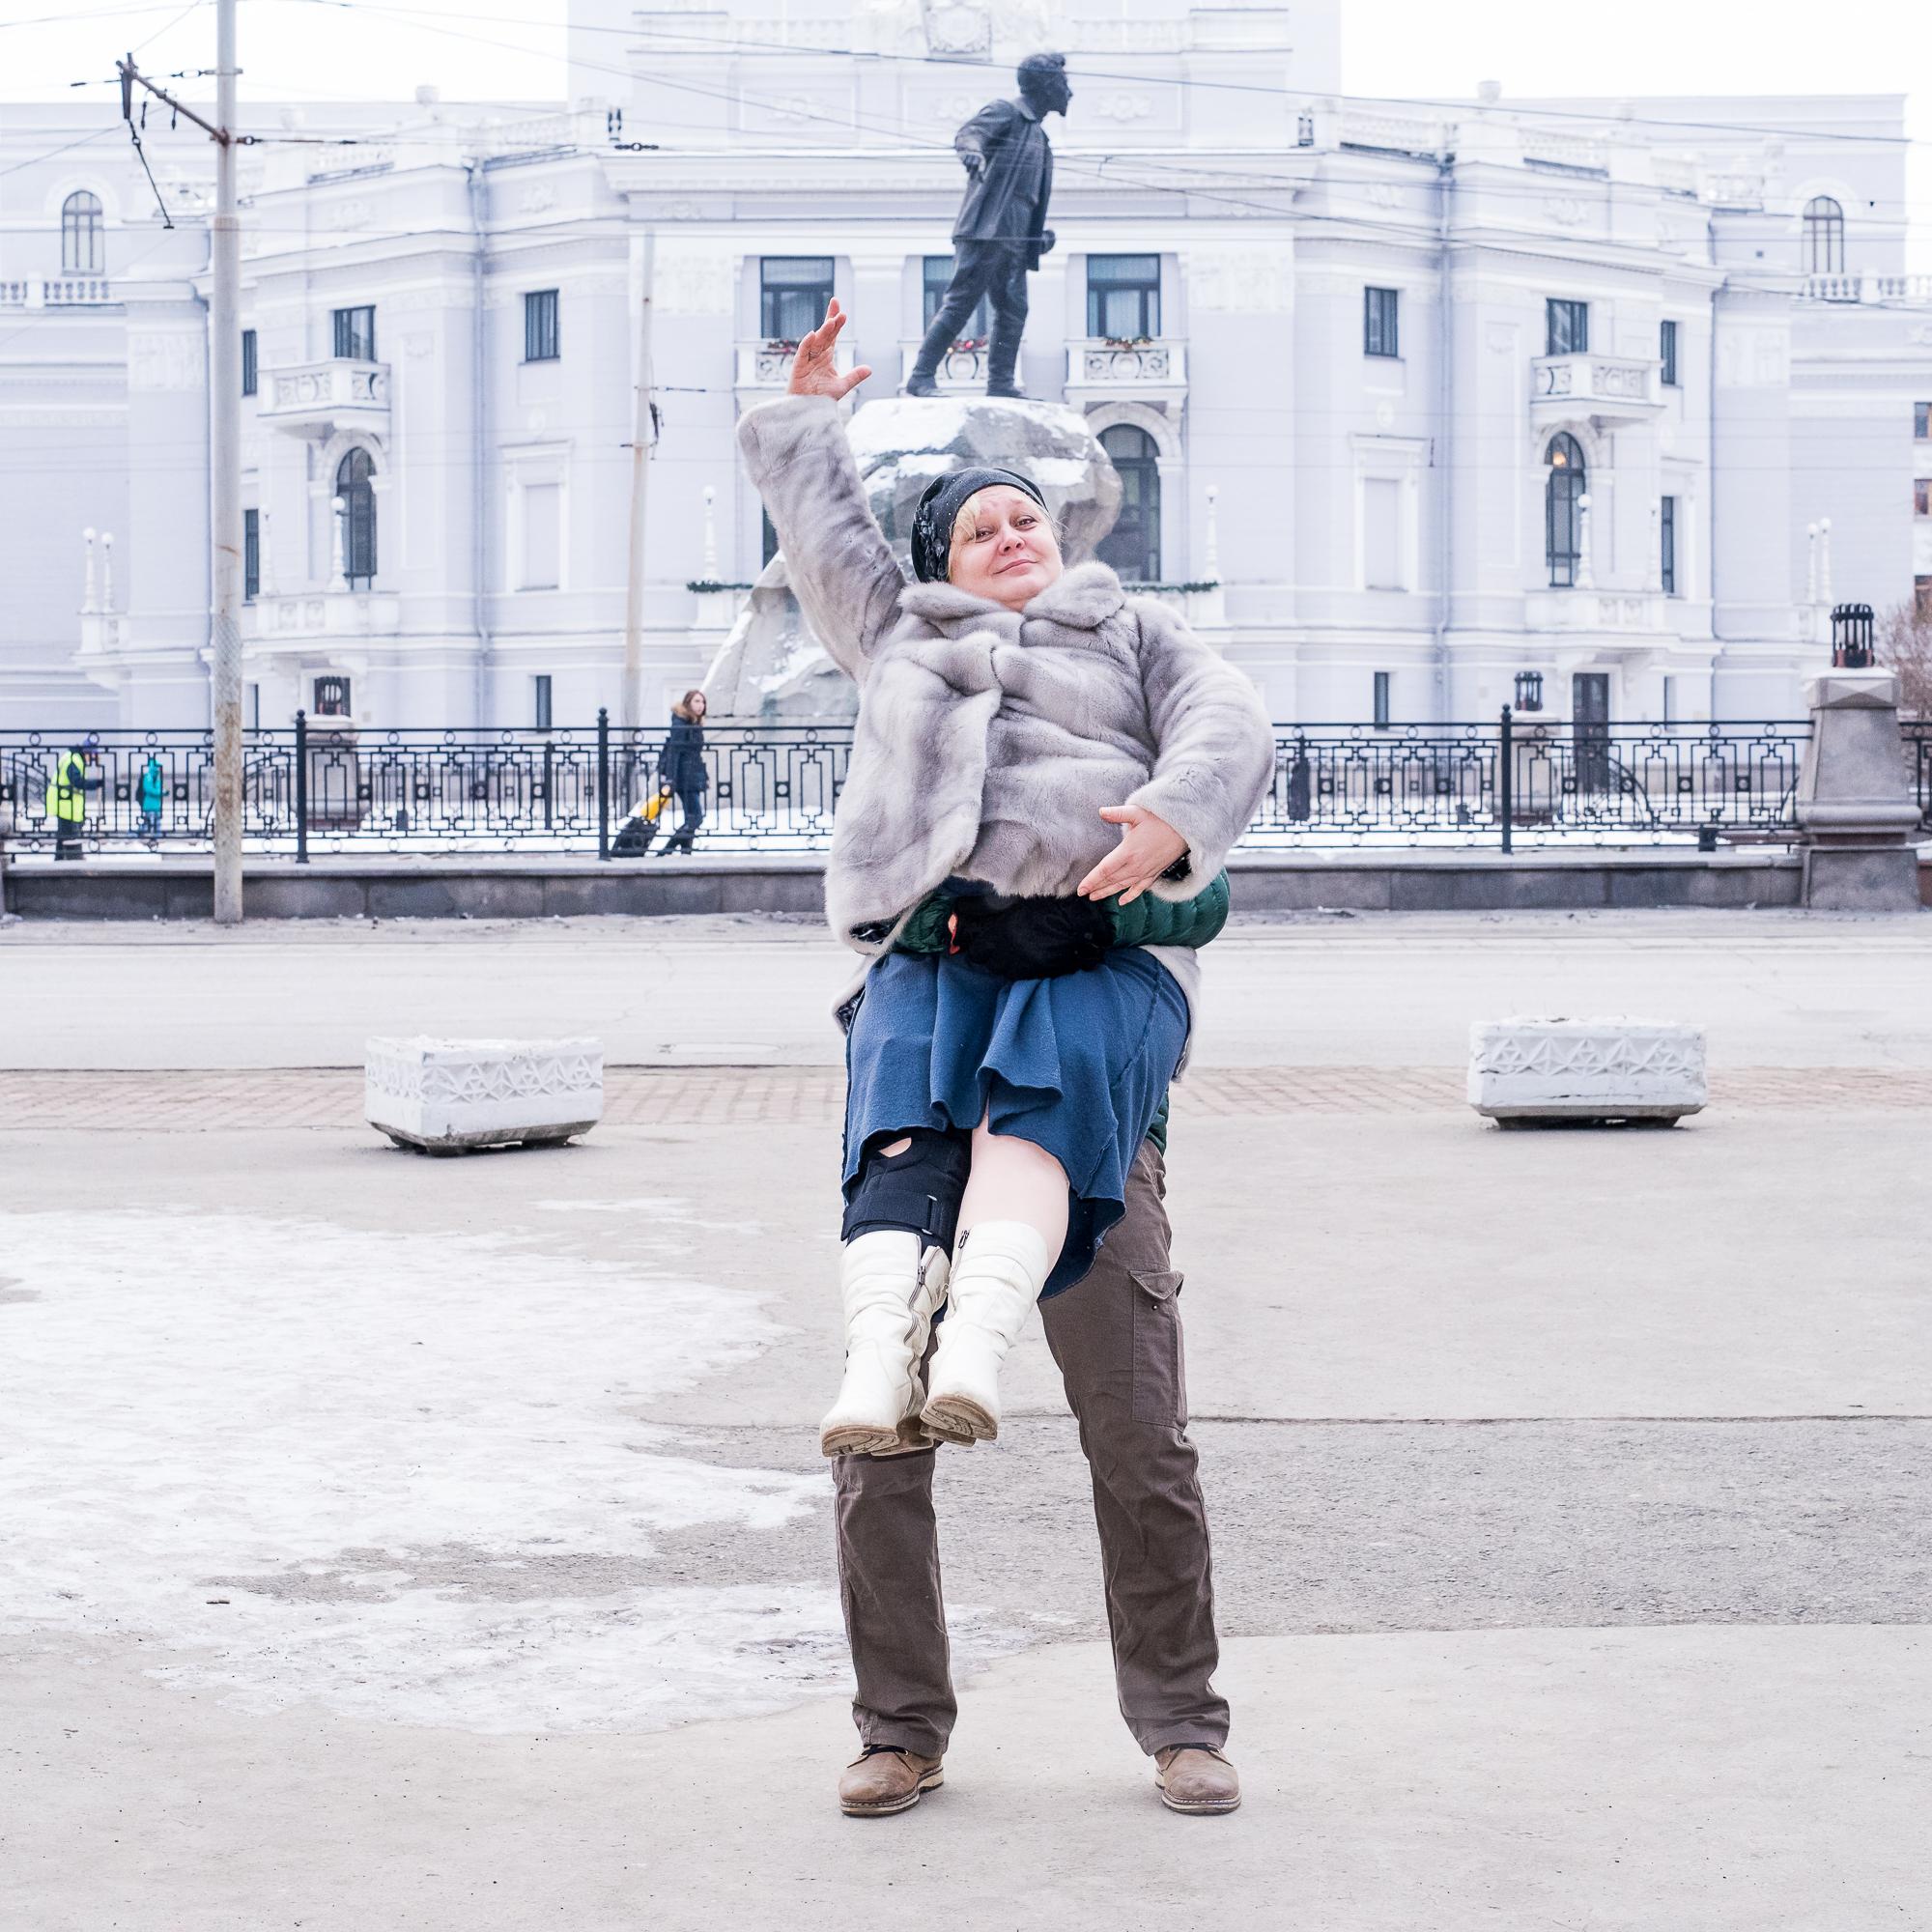 Yekaterinburg_Russia_-14°C